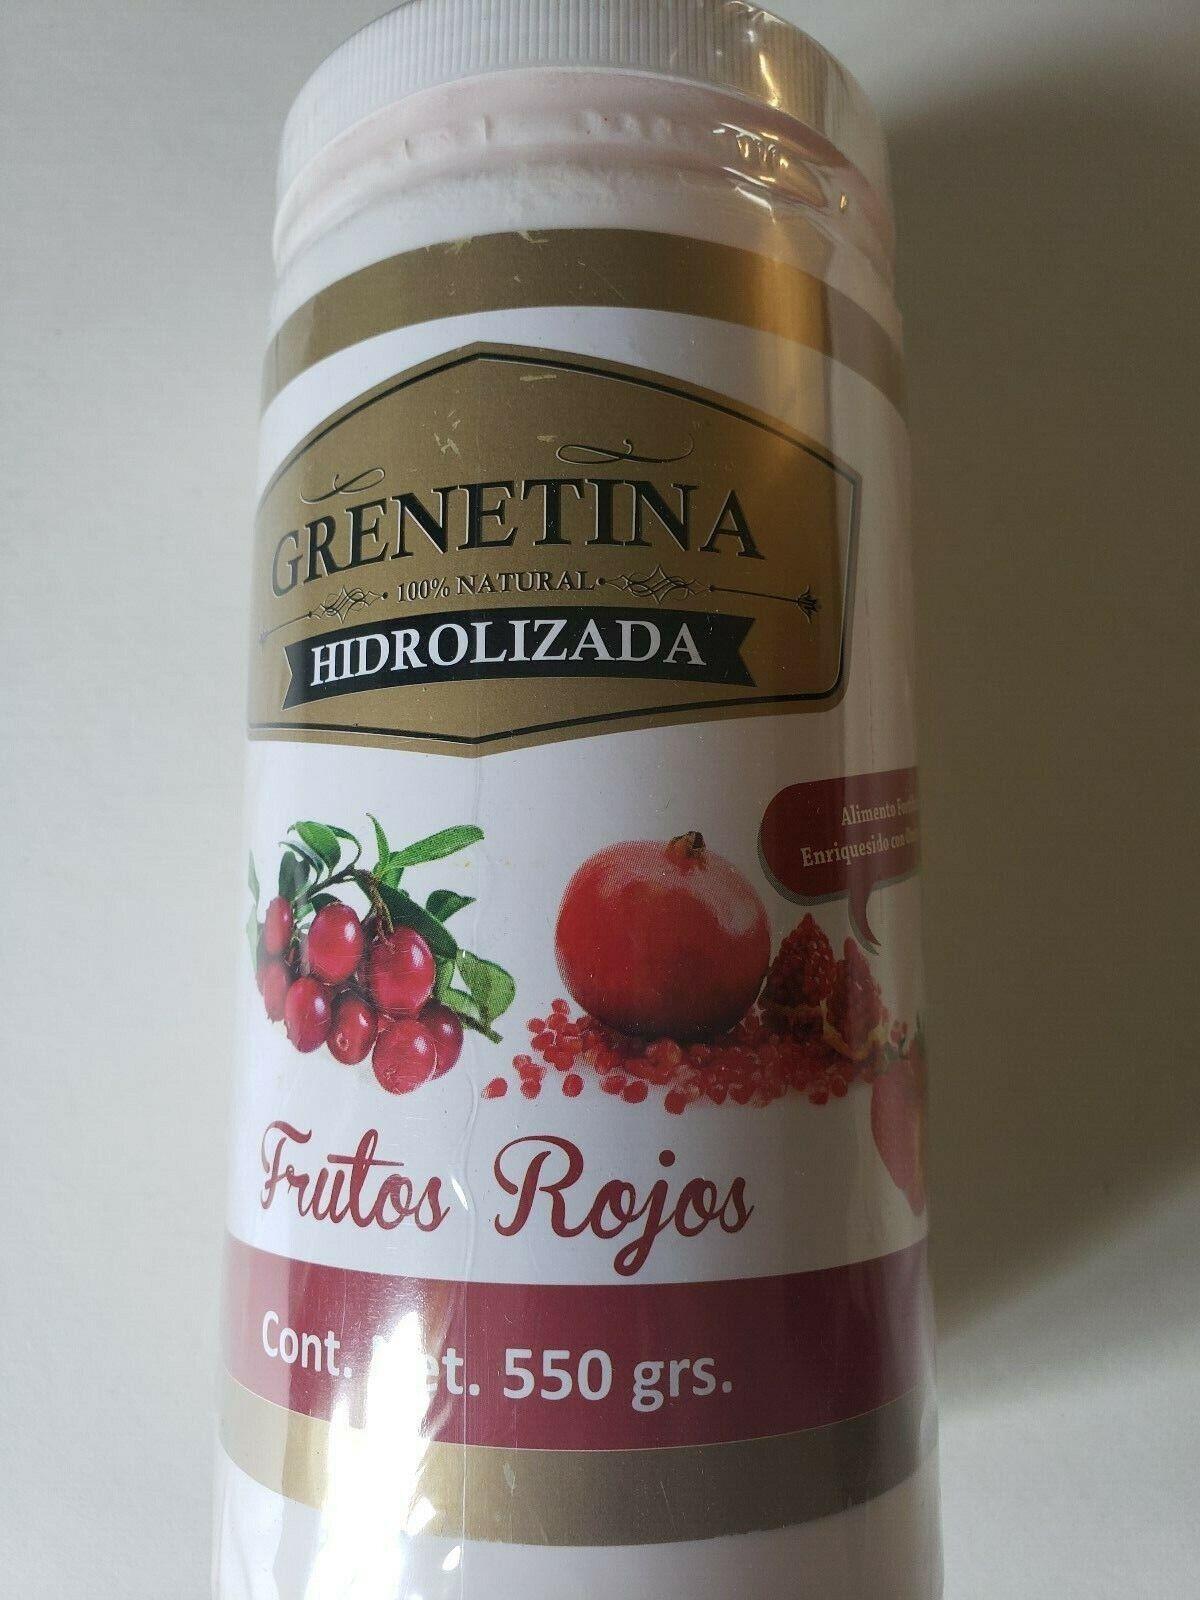 GRENETINA HIDROLIZADA FRUTOS ROJOS  550g 100% NATURAL WITH OMEGA 3,6 & 9